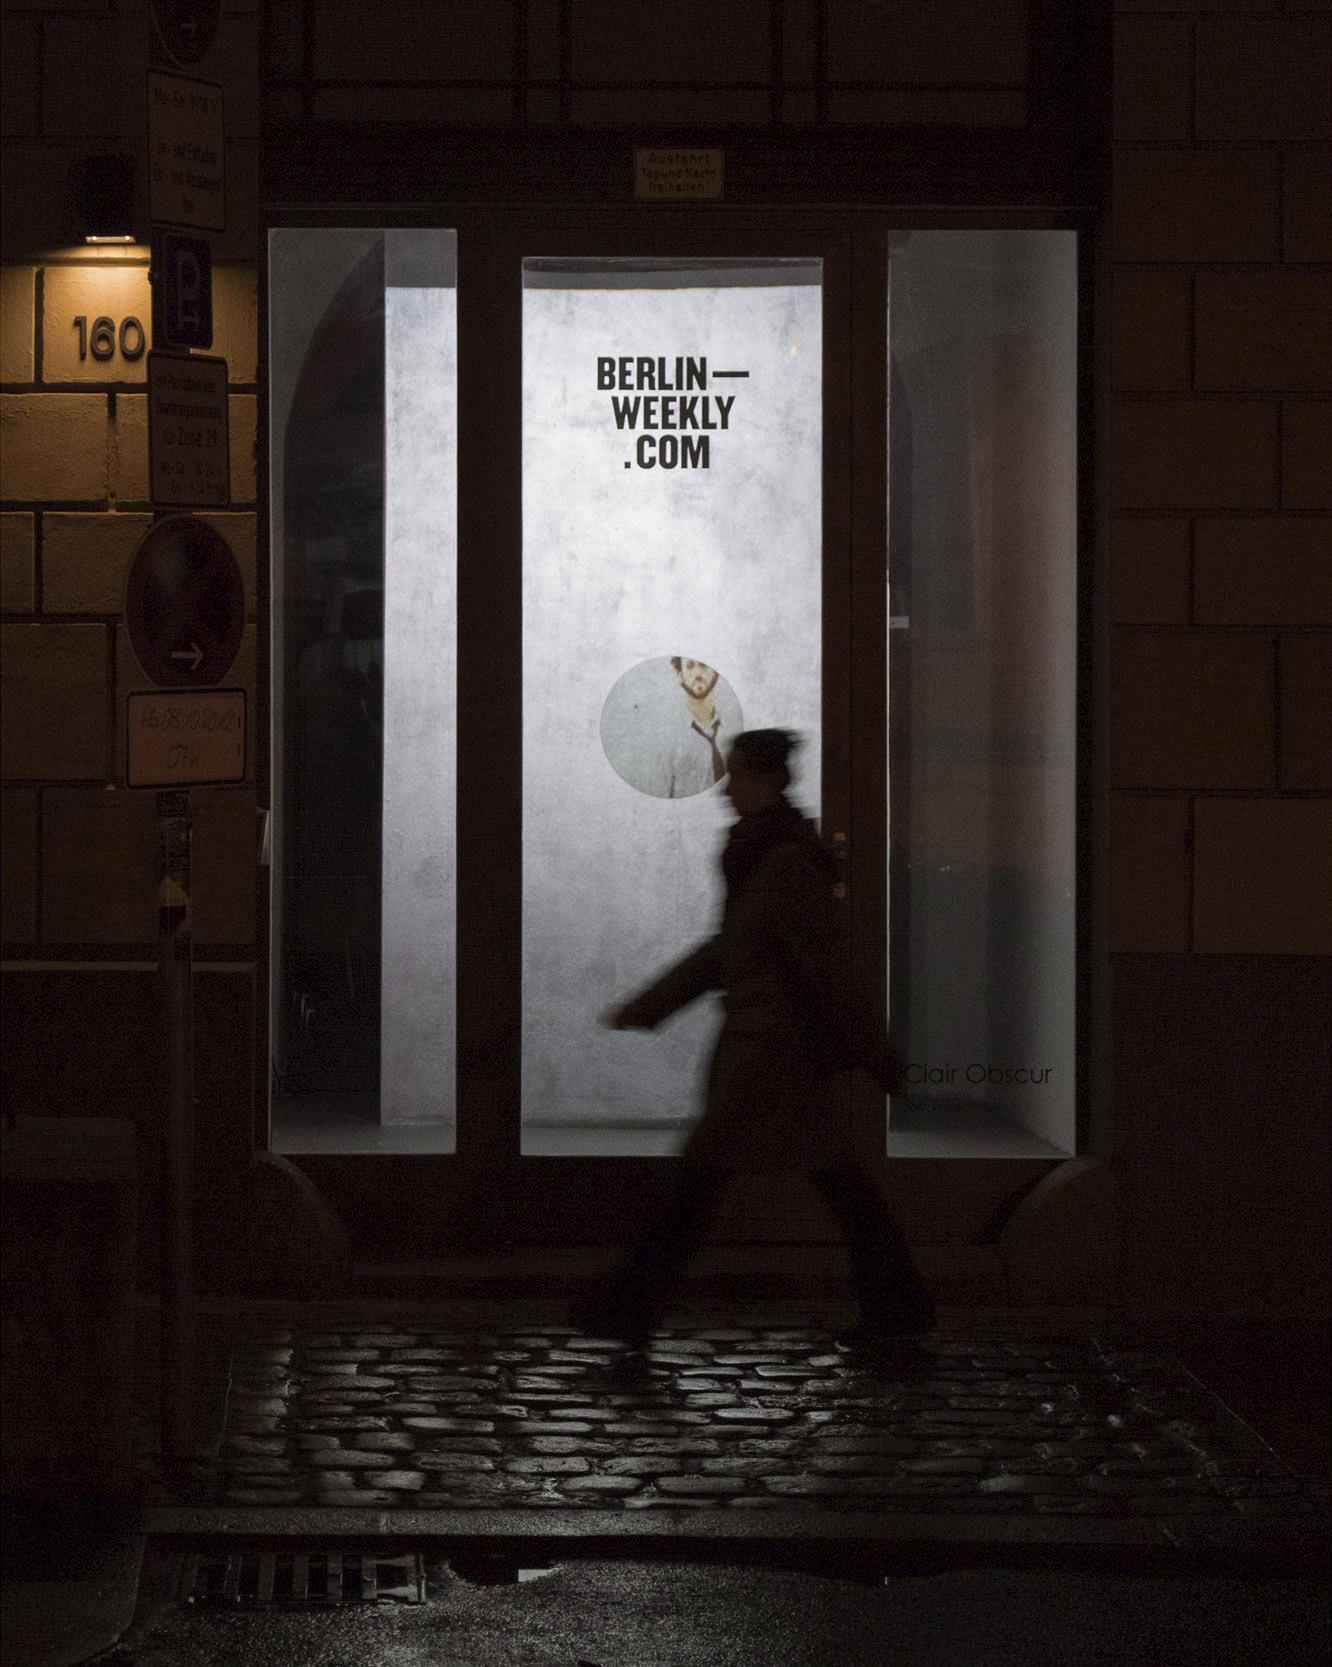 FUW_Clair-Obscur_00-Berlin-Weekly-2014.jpg